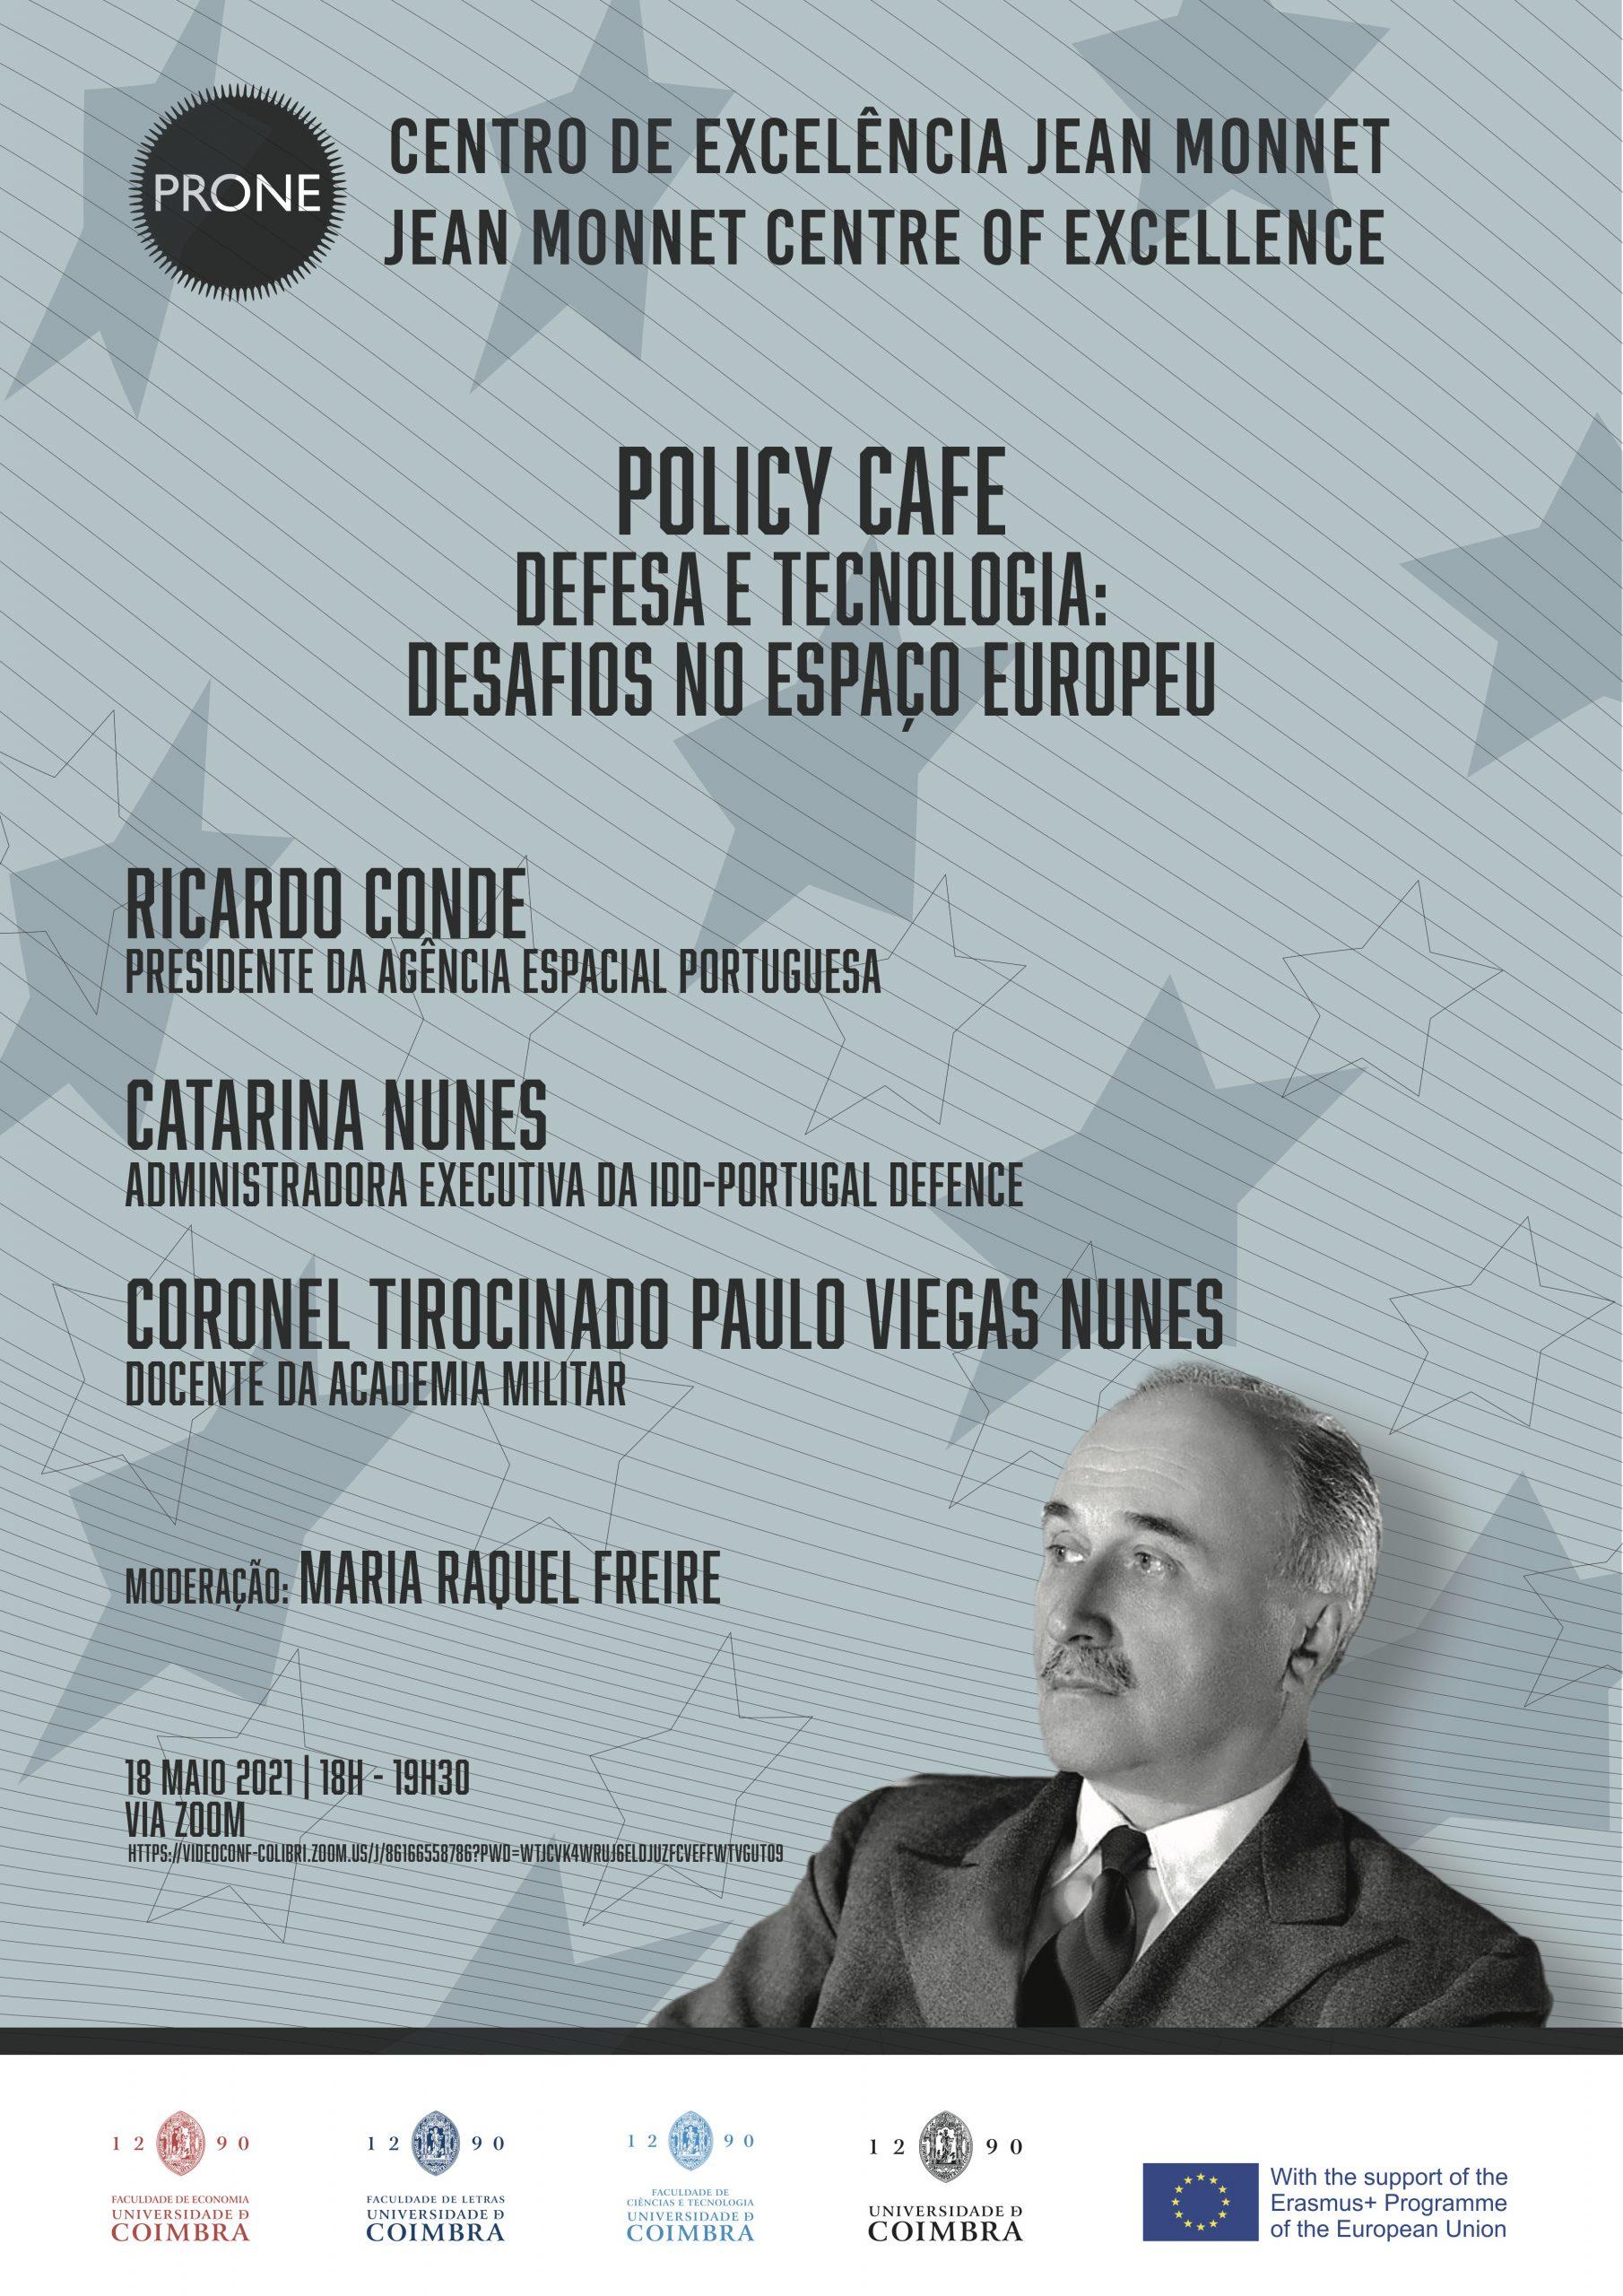 Policy Café – Defesa e Tecnologia: Desafios no Espaço Europeu